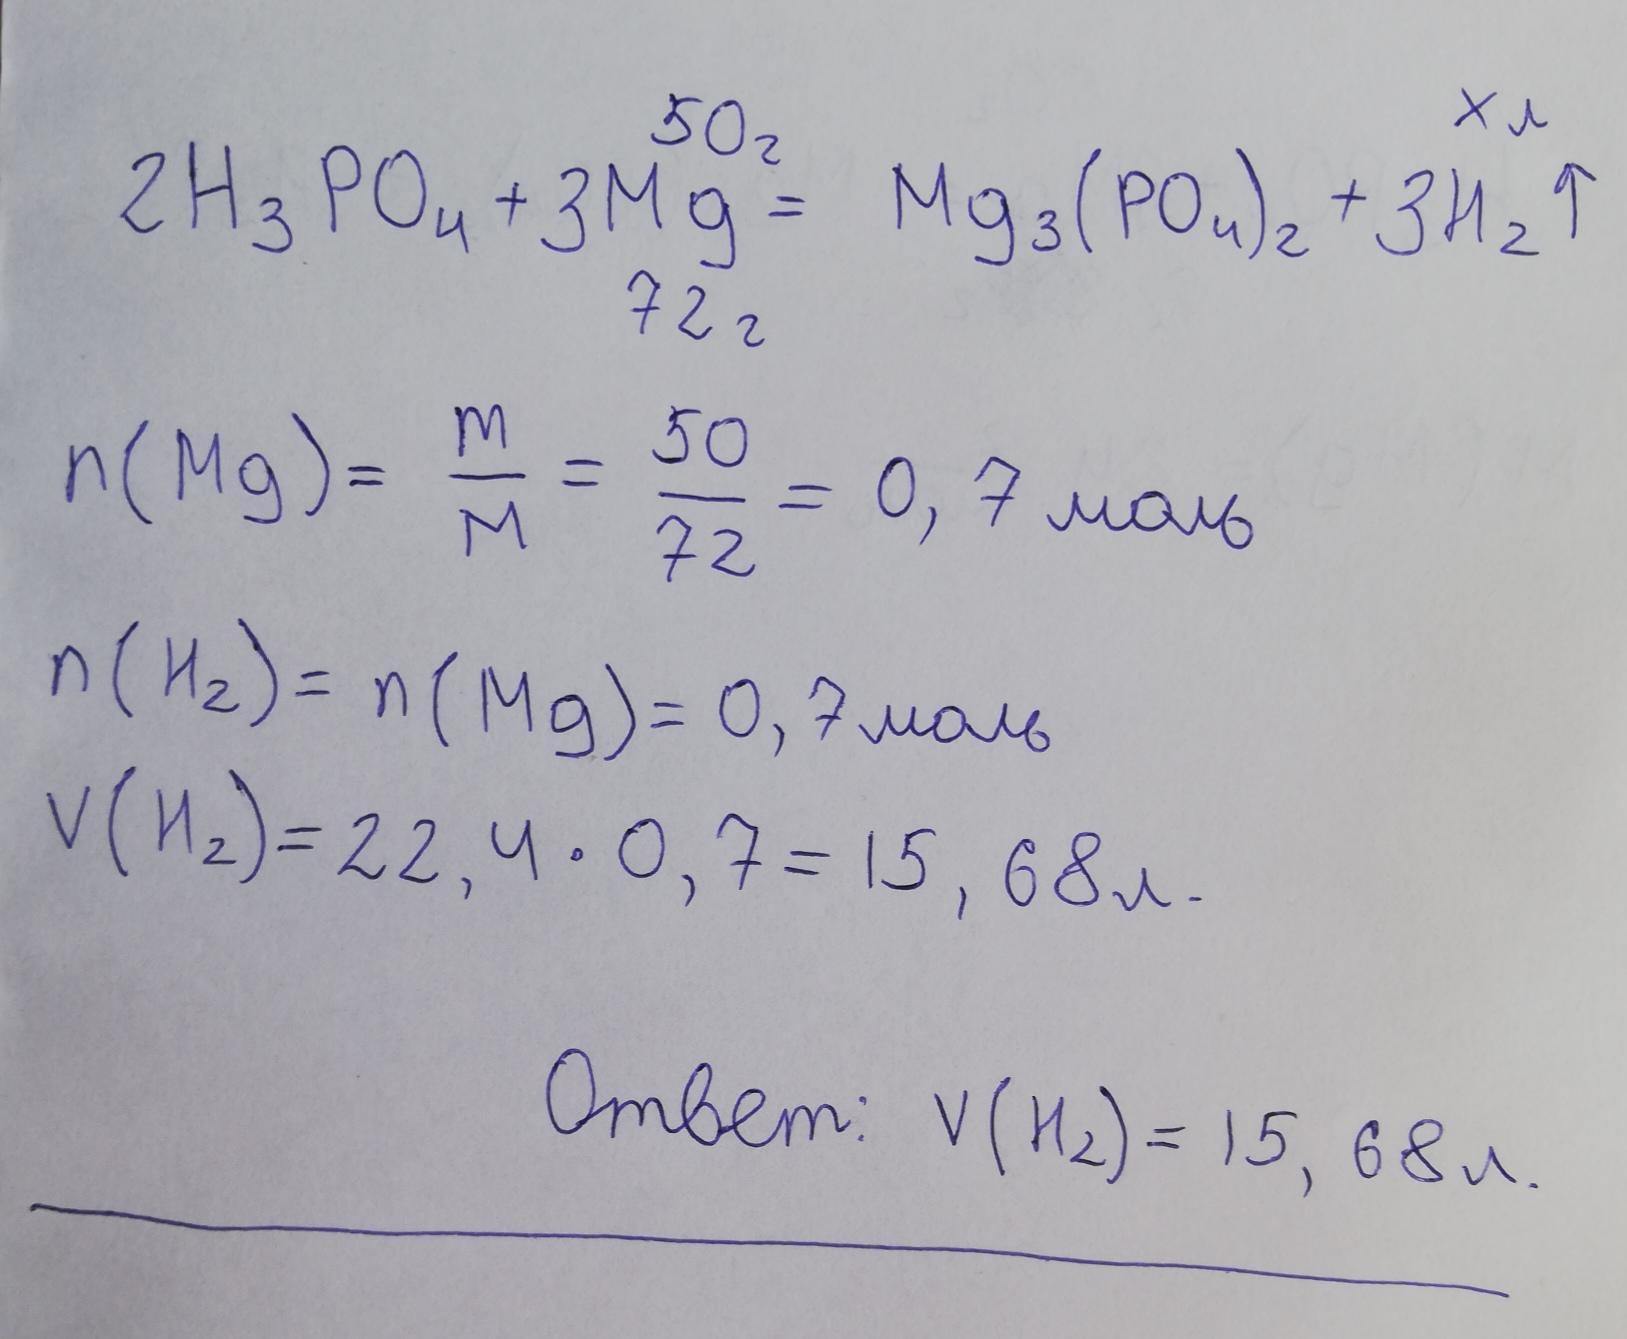 Визначити об'єм водню який утворився в результаті